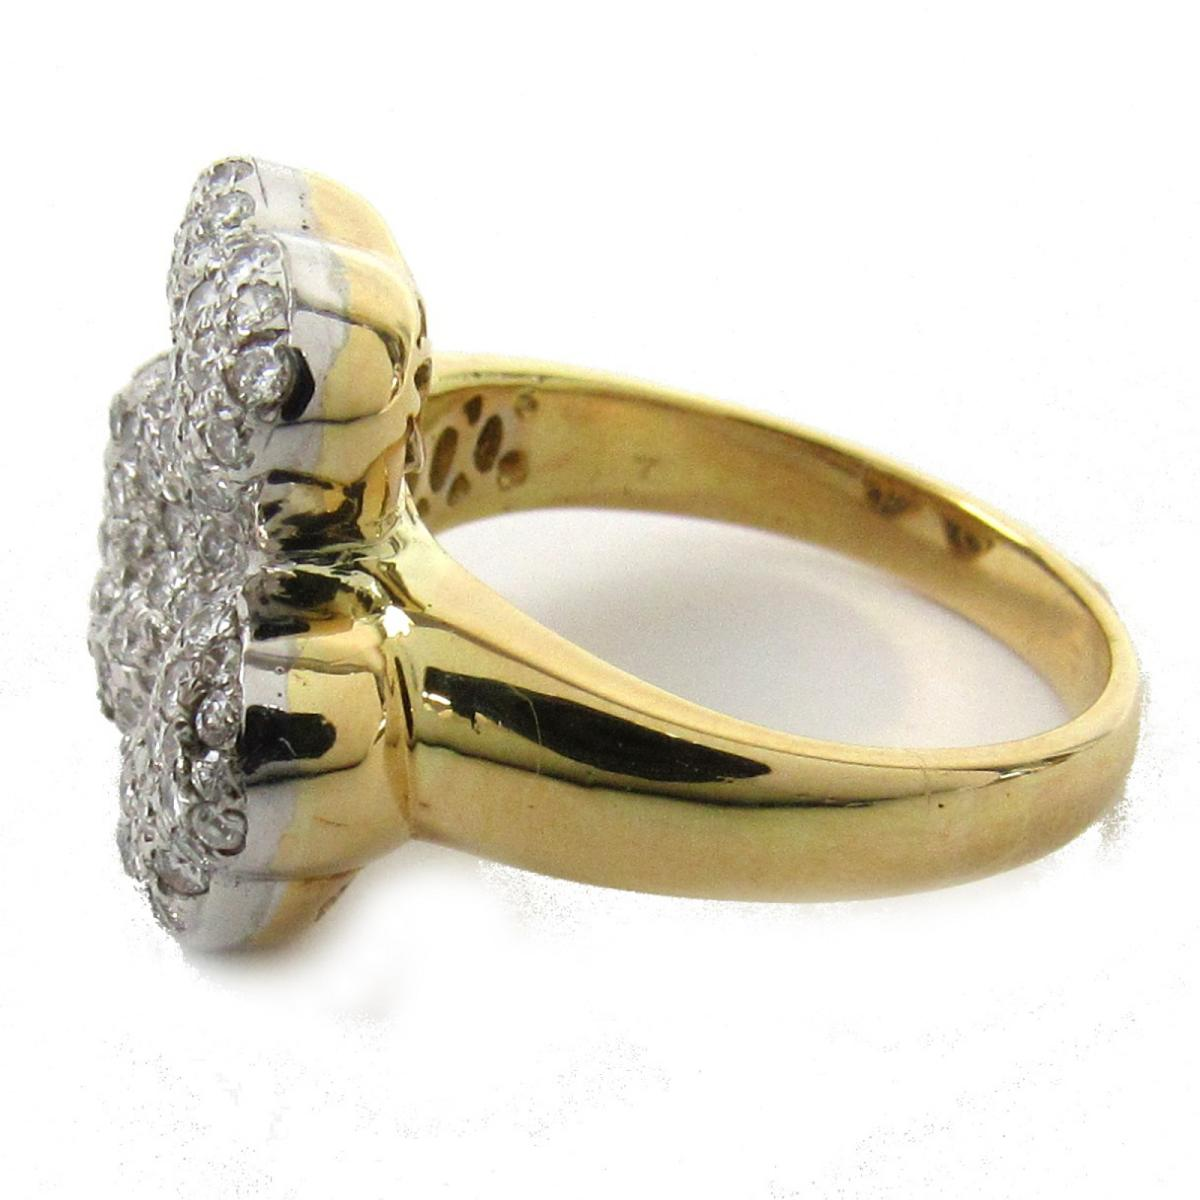 ジュエリー ダイヤモンド リング 指輪 ノーブランドジュエリー レディース K18 x ダイヤモンド0 79ctJEWELRY BRANDOFF ブランドオフ アクセサリーdrxoeCBW